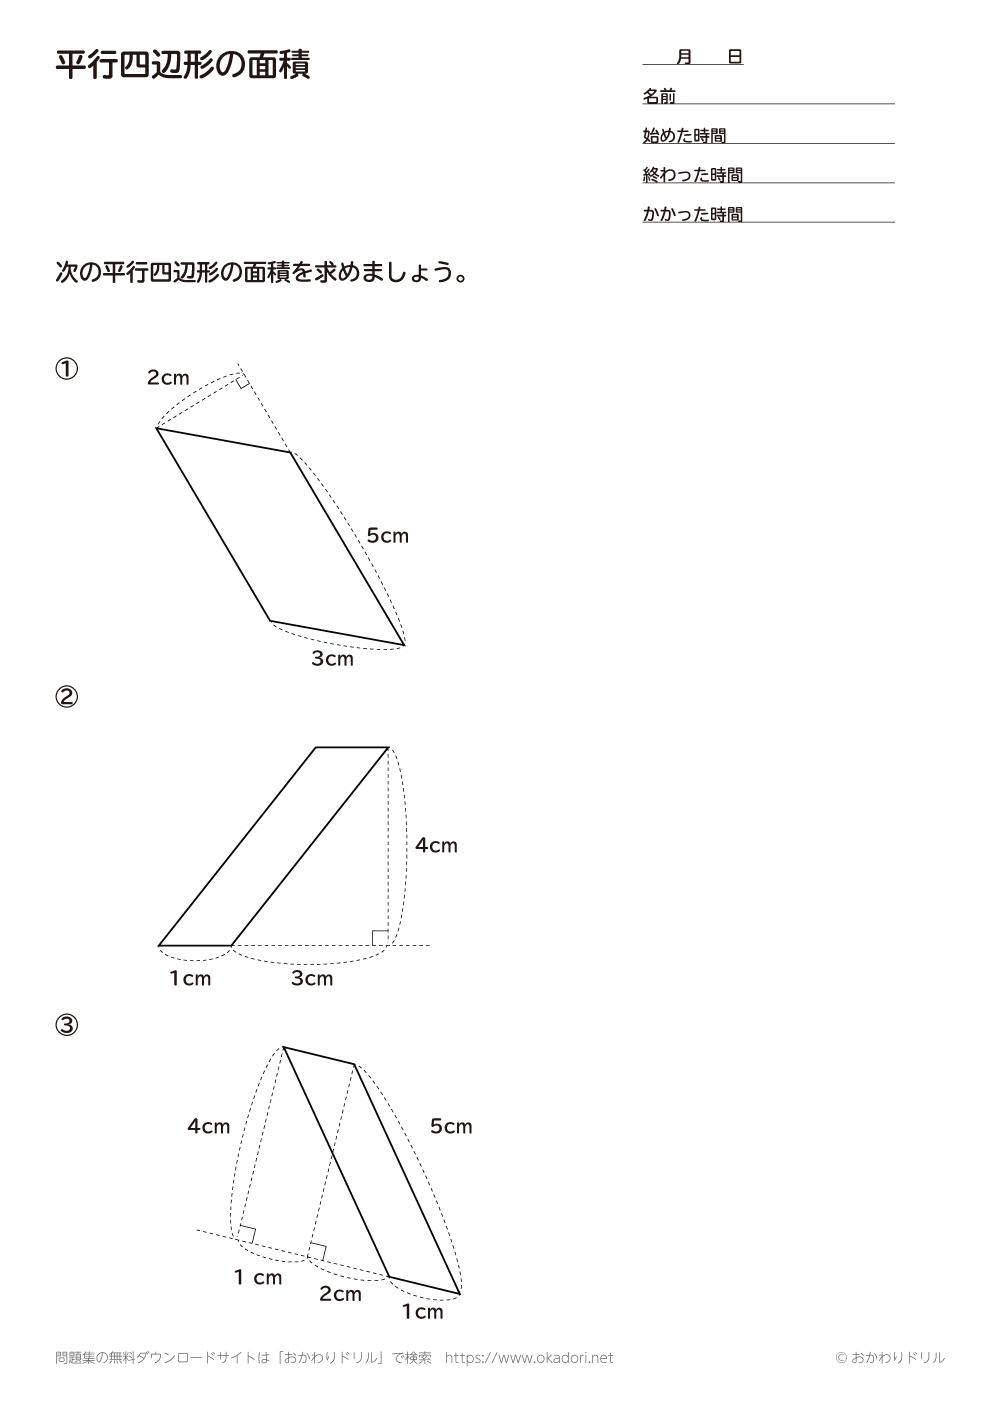 平行四辺形の面積6